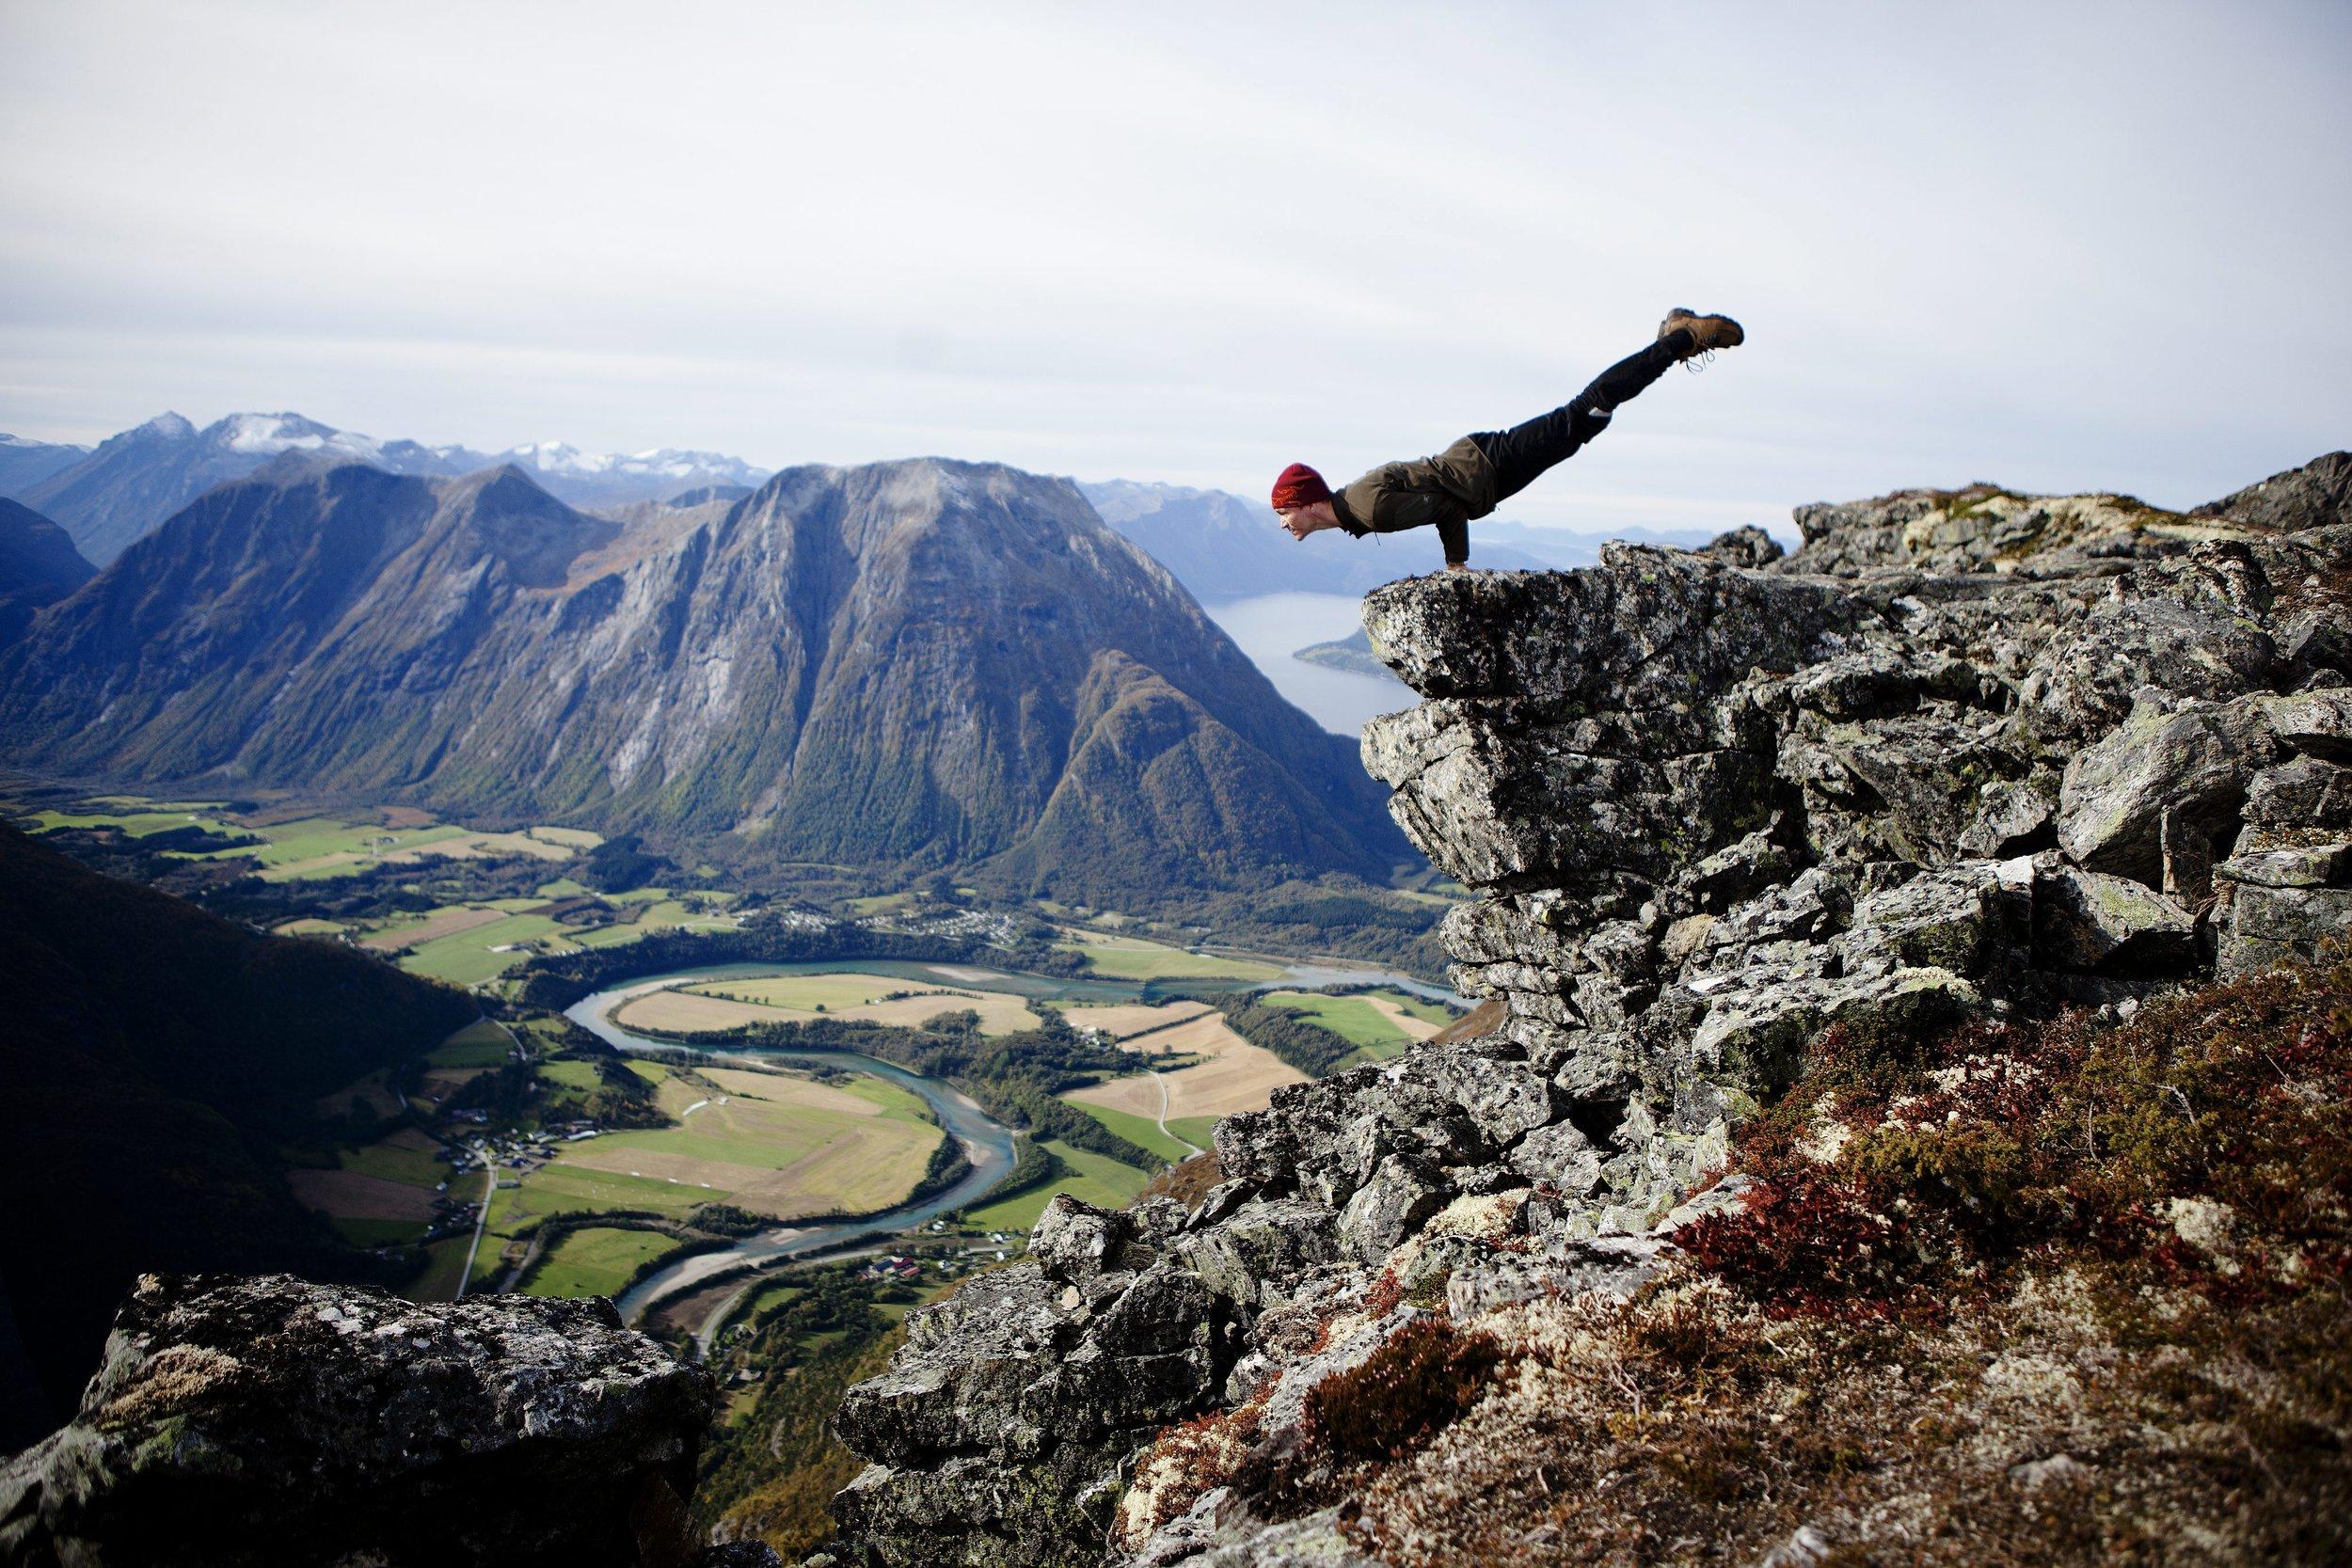 11102013 Yoga Instruktør Alexander Medin tar en yogastilling på Romsdalseggen. Prosjektet back in the ring, hjelper tidligere rusmisbrukere i bedre mental og fysisk form med yoga. Foto: Fartein Rudjord